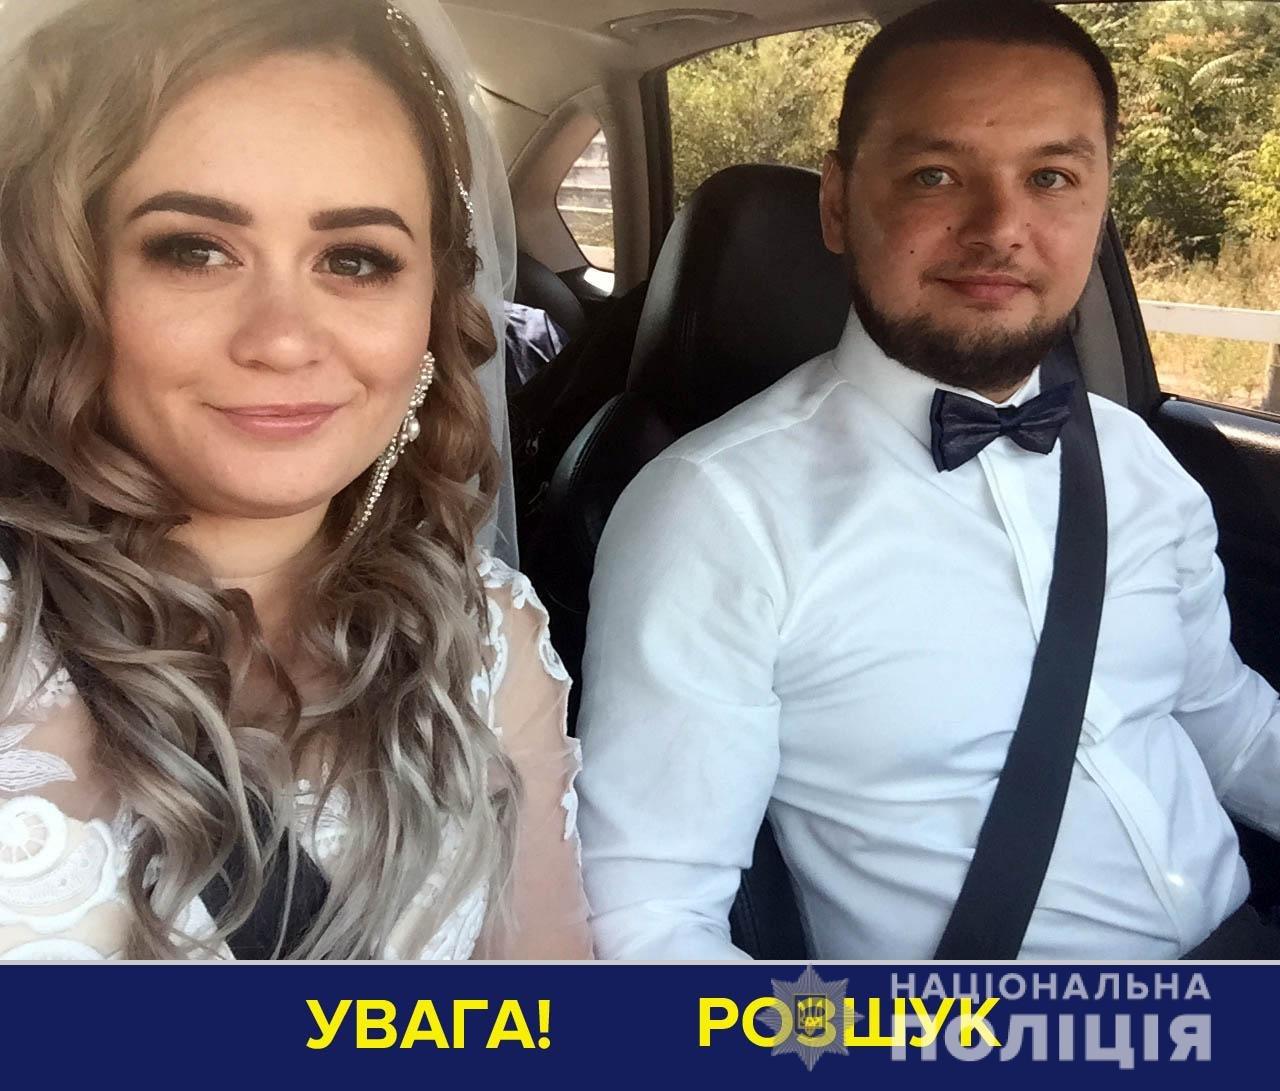 Поліція розшукує подружжя: тернополянка та її чоловік організували порностудії (ФОТО), фото-2